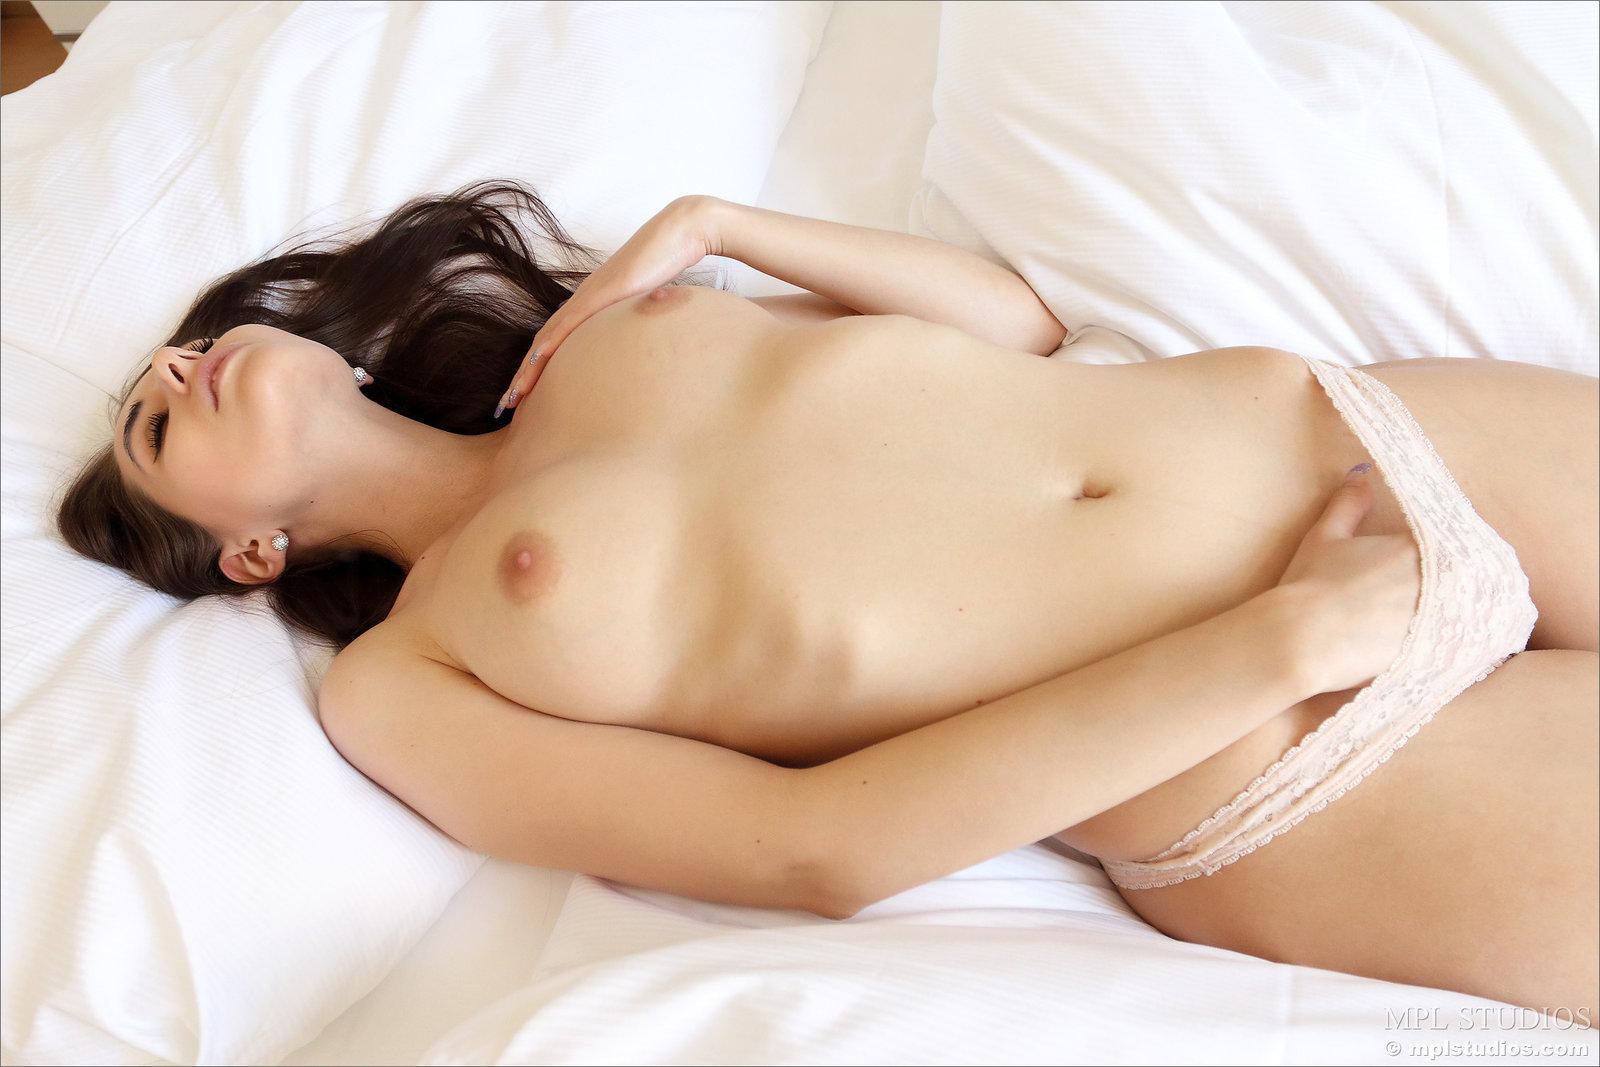 Zdjęcie porno - 1126 - Laska liże swe paluszki